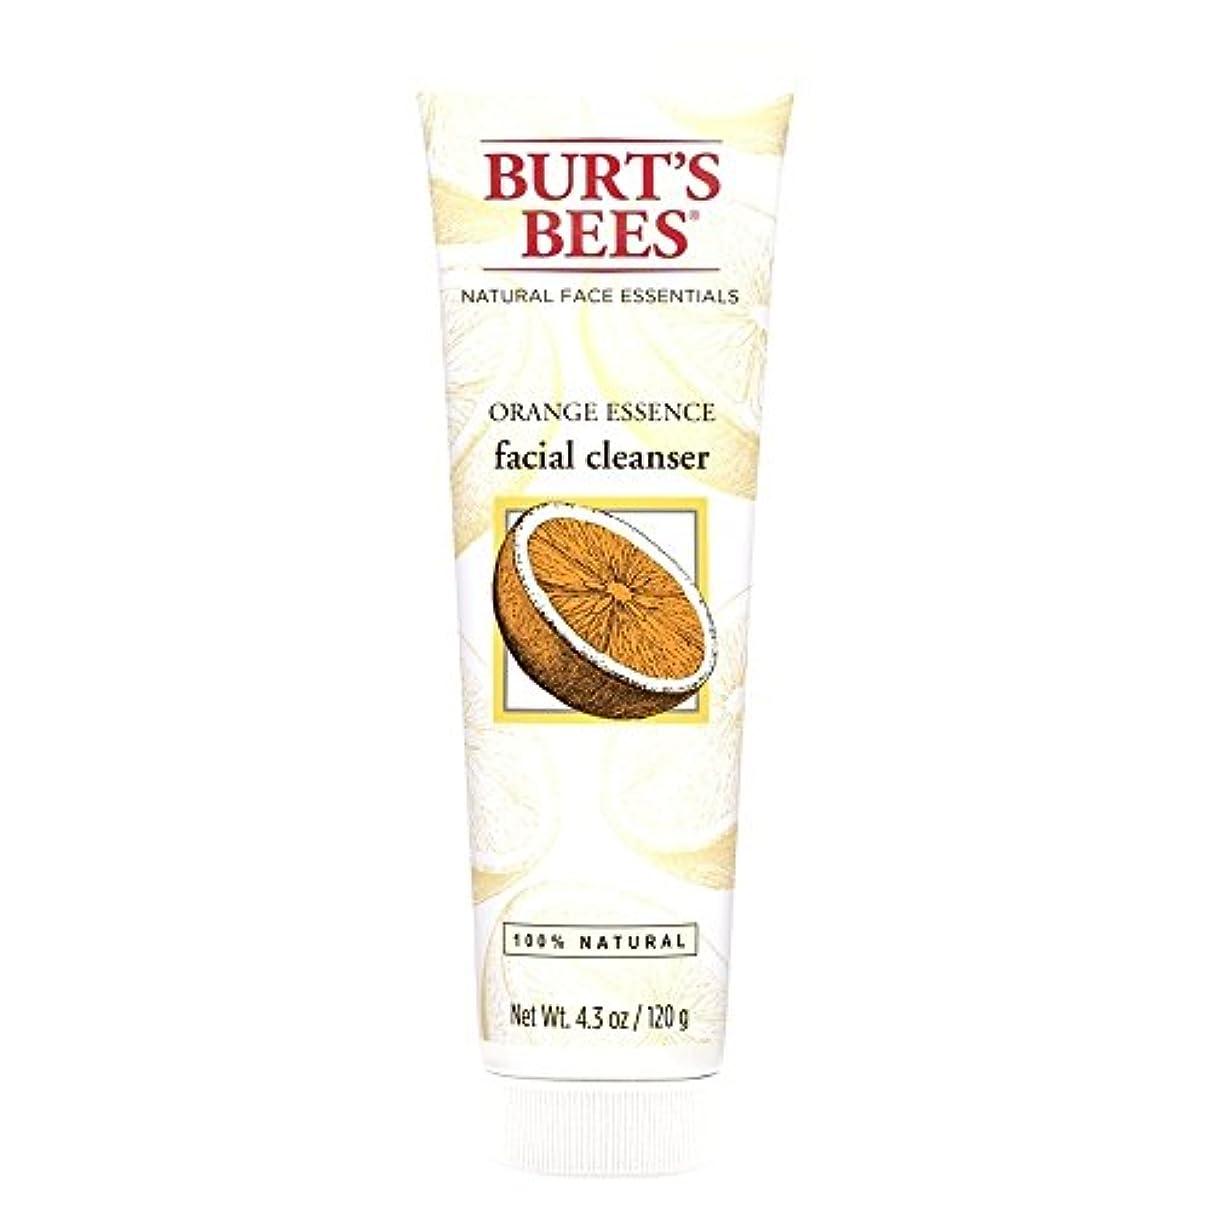 悲鳴キャンセル政府バーツビーオレンジエッセンス洗顔料、125グラム (Burt's Bees) (x2) - Burt's Bees Orange Essence Facial Cleanser, 125g (Pack of 2) [並行輸入品]